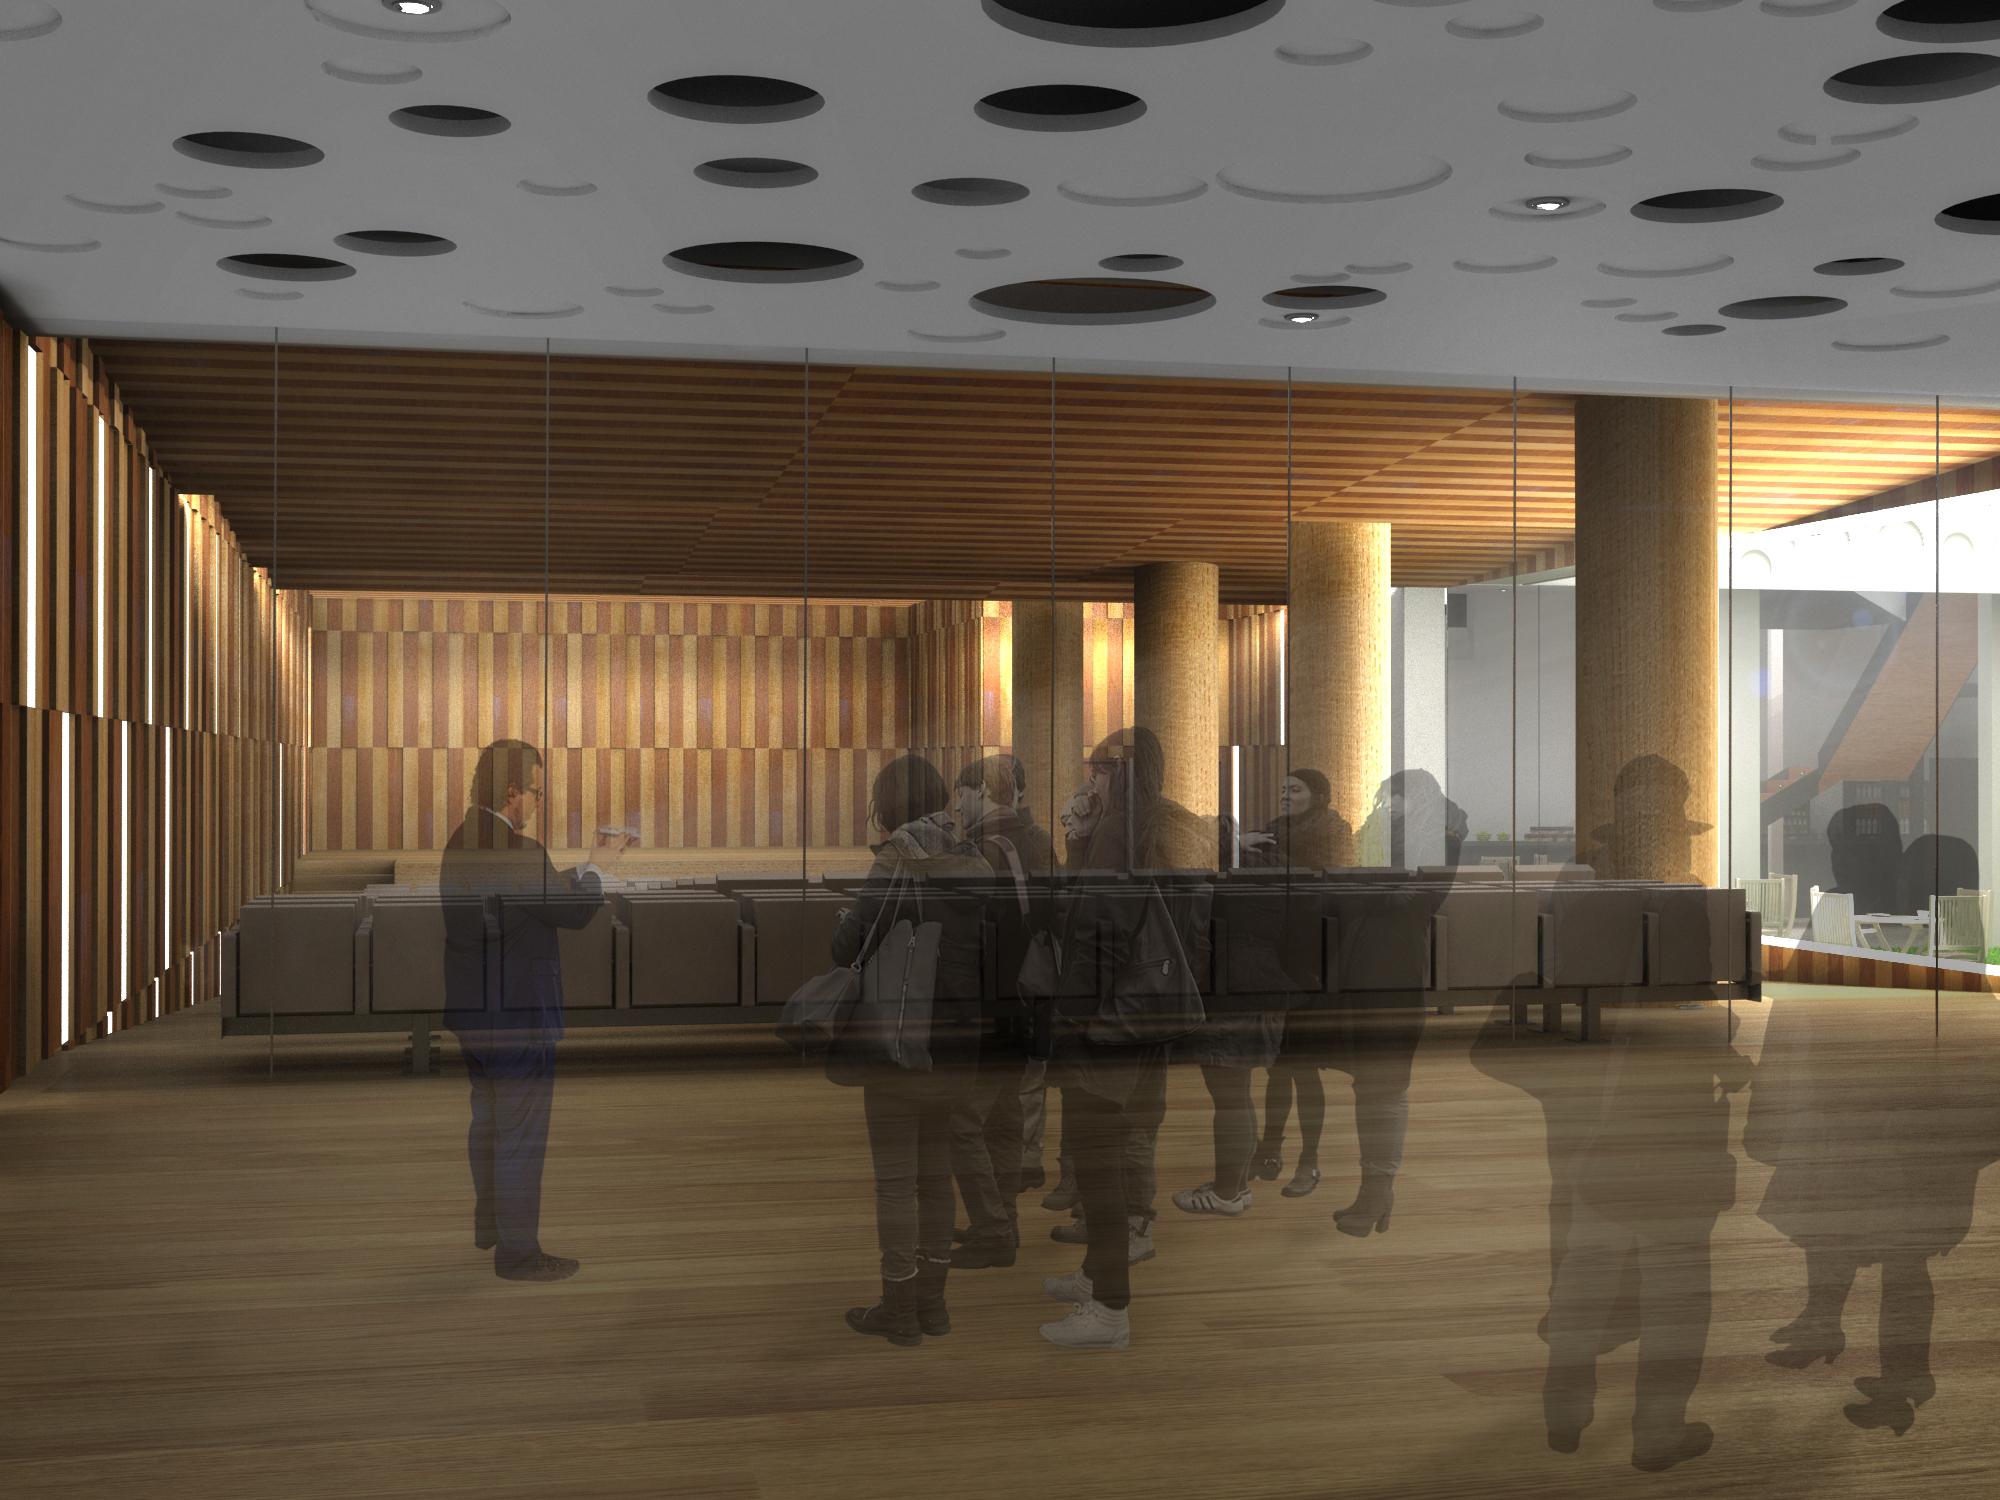 Concurso colegio de arquitectos madrid domestika - Arquitectos madrid ...